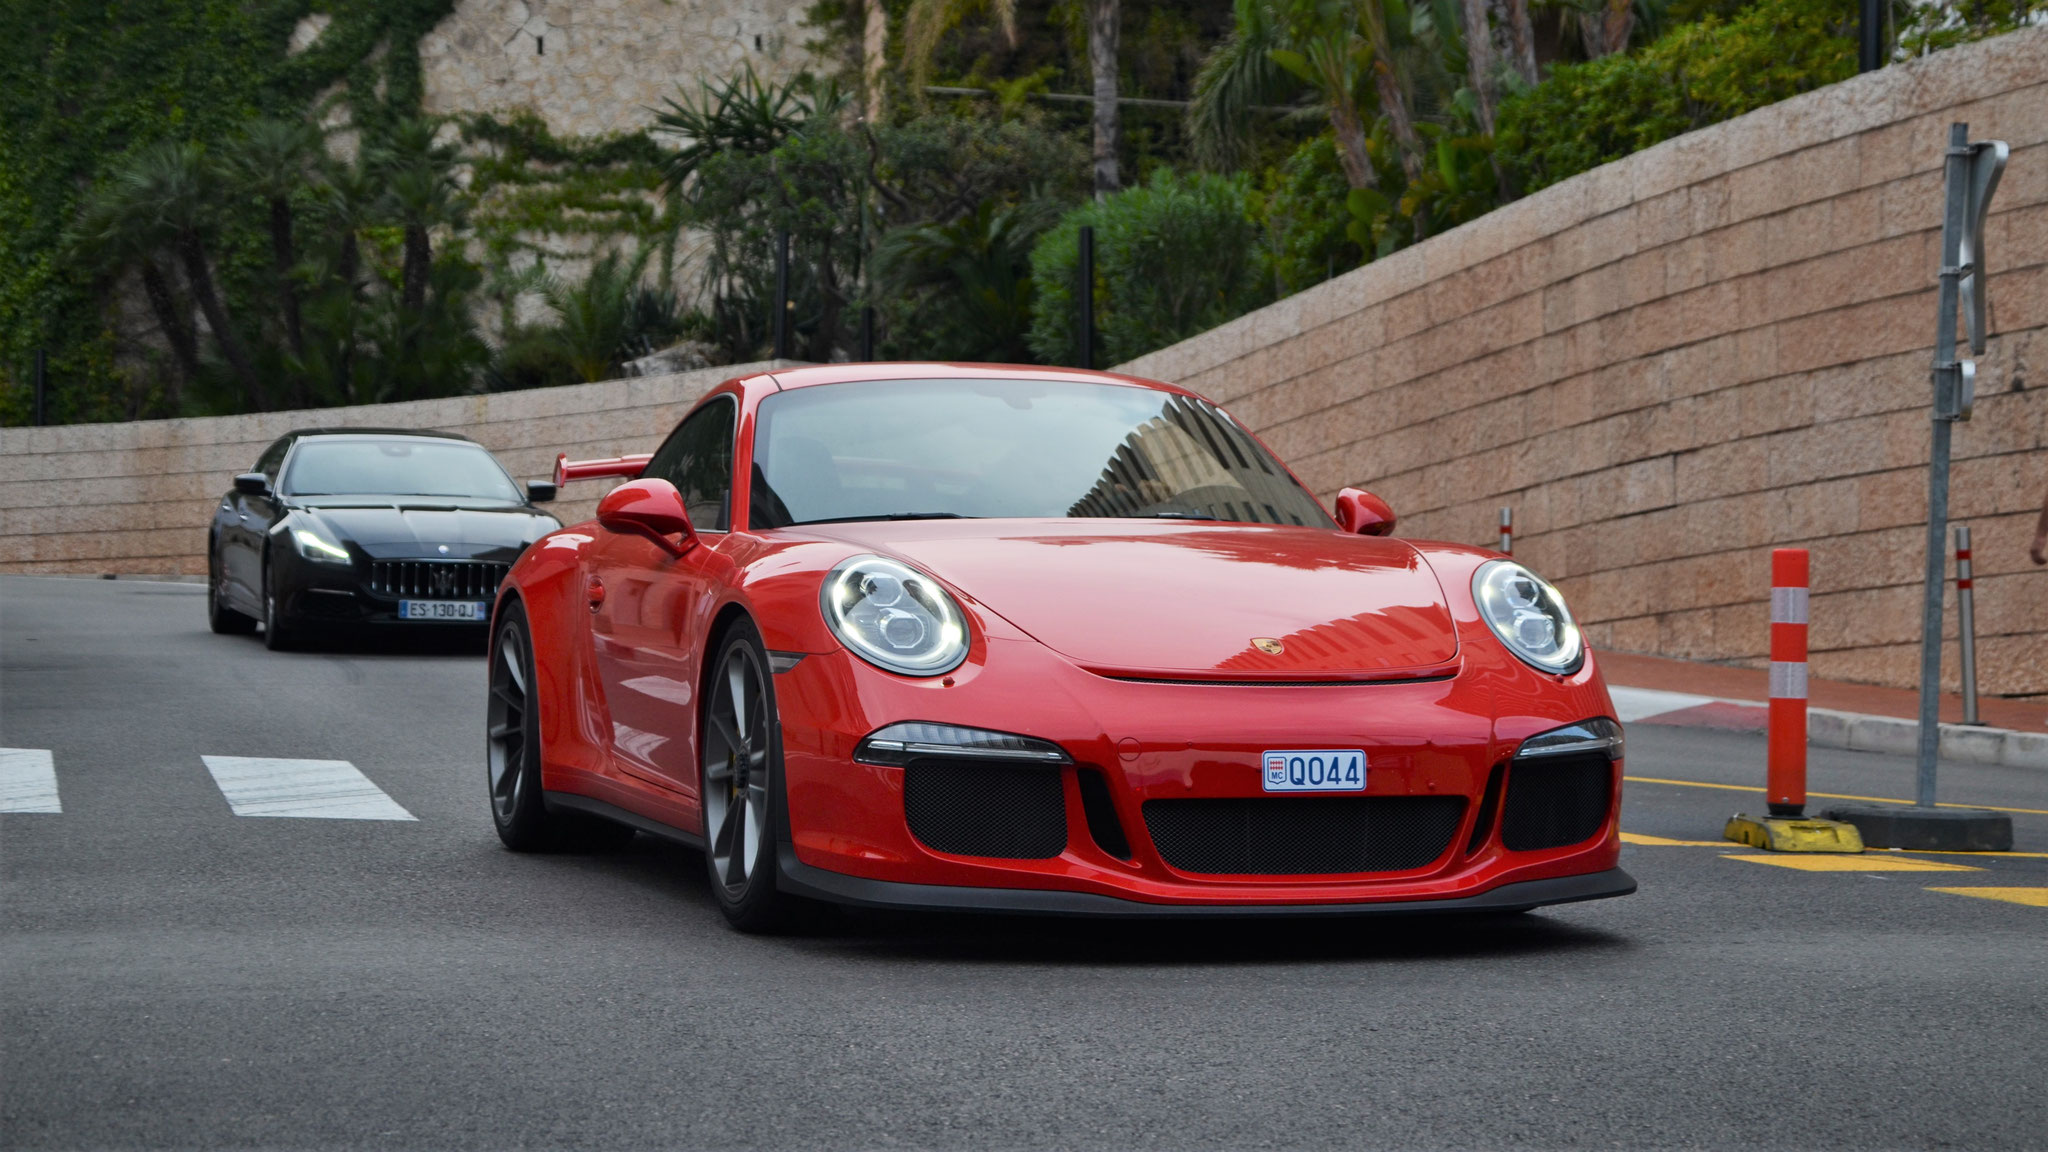 Porsche 991 GT3 - Q044 (MC)